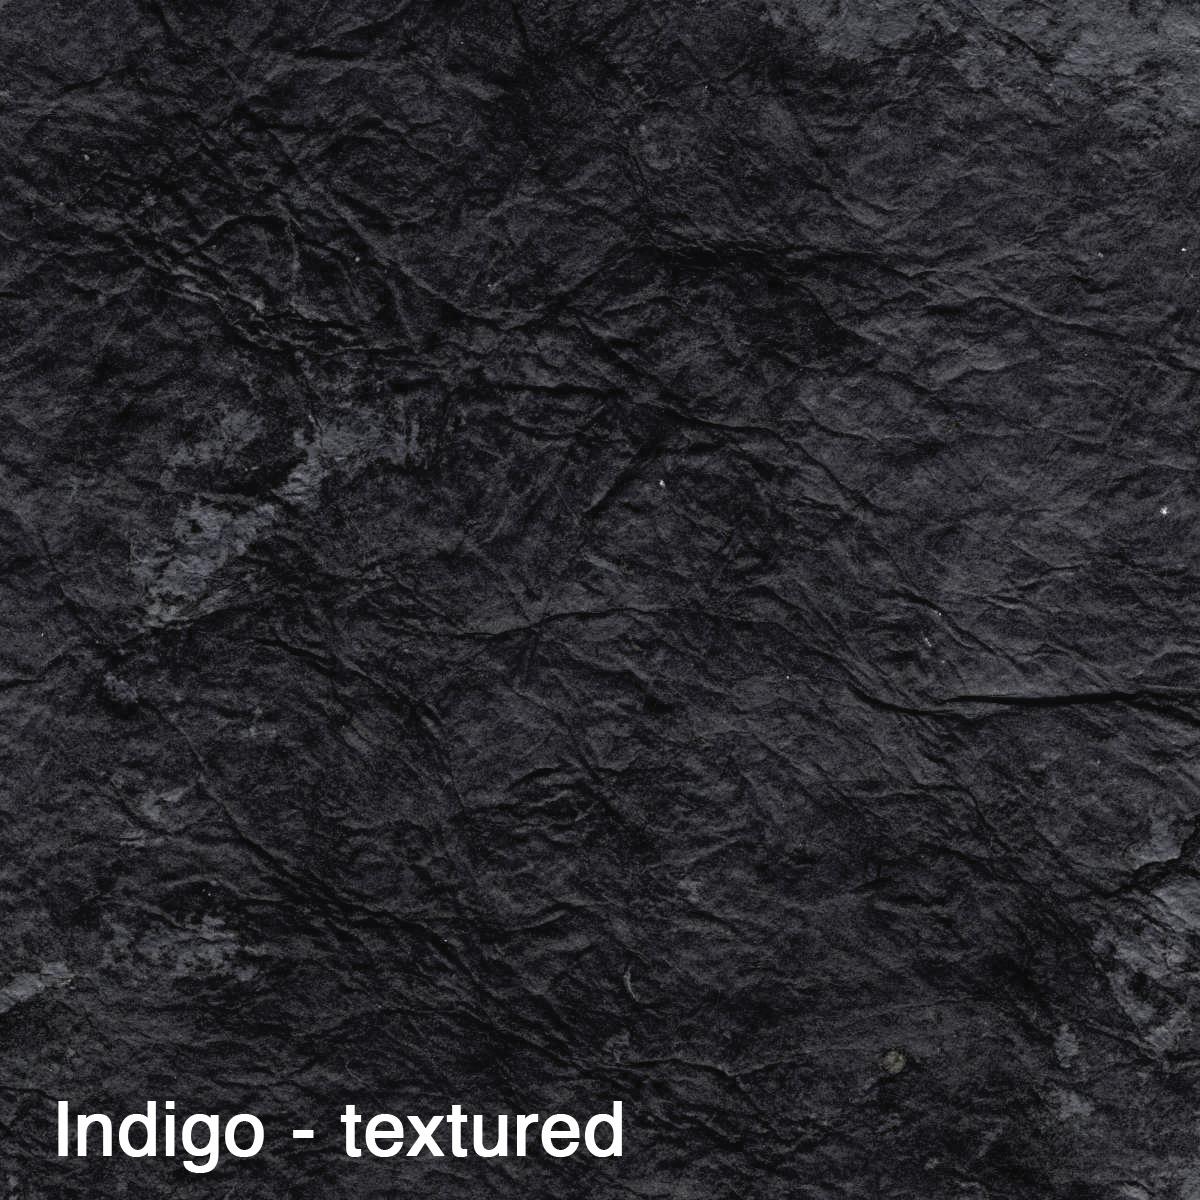 Indigo back.jpg